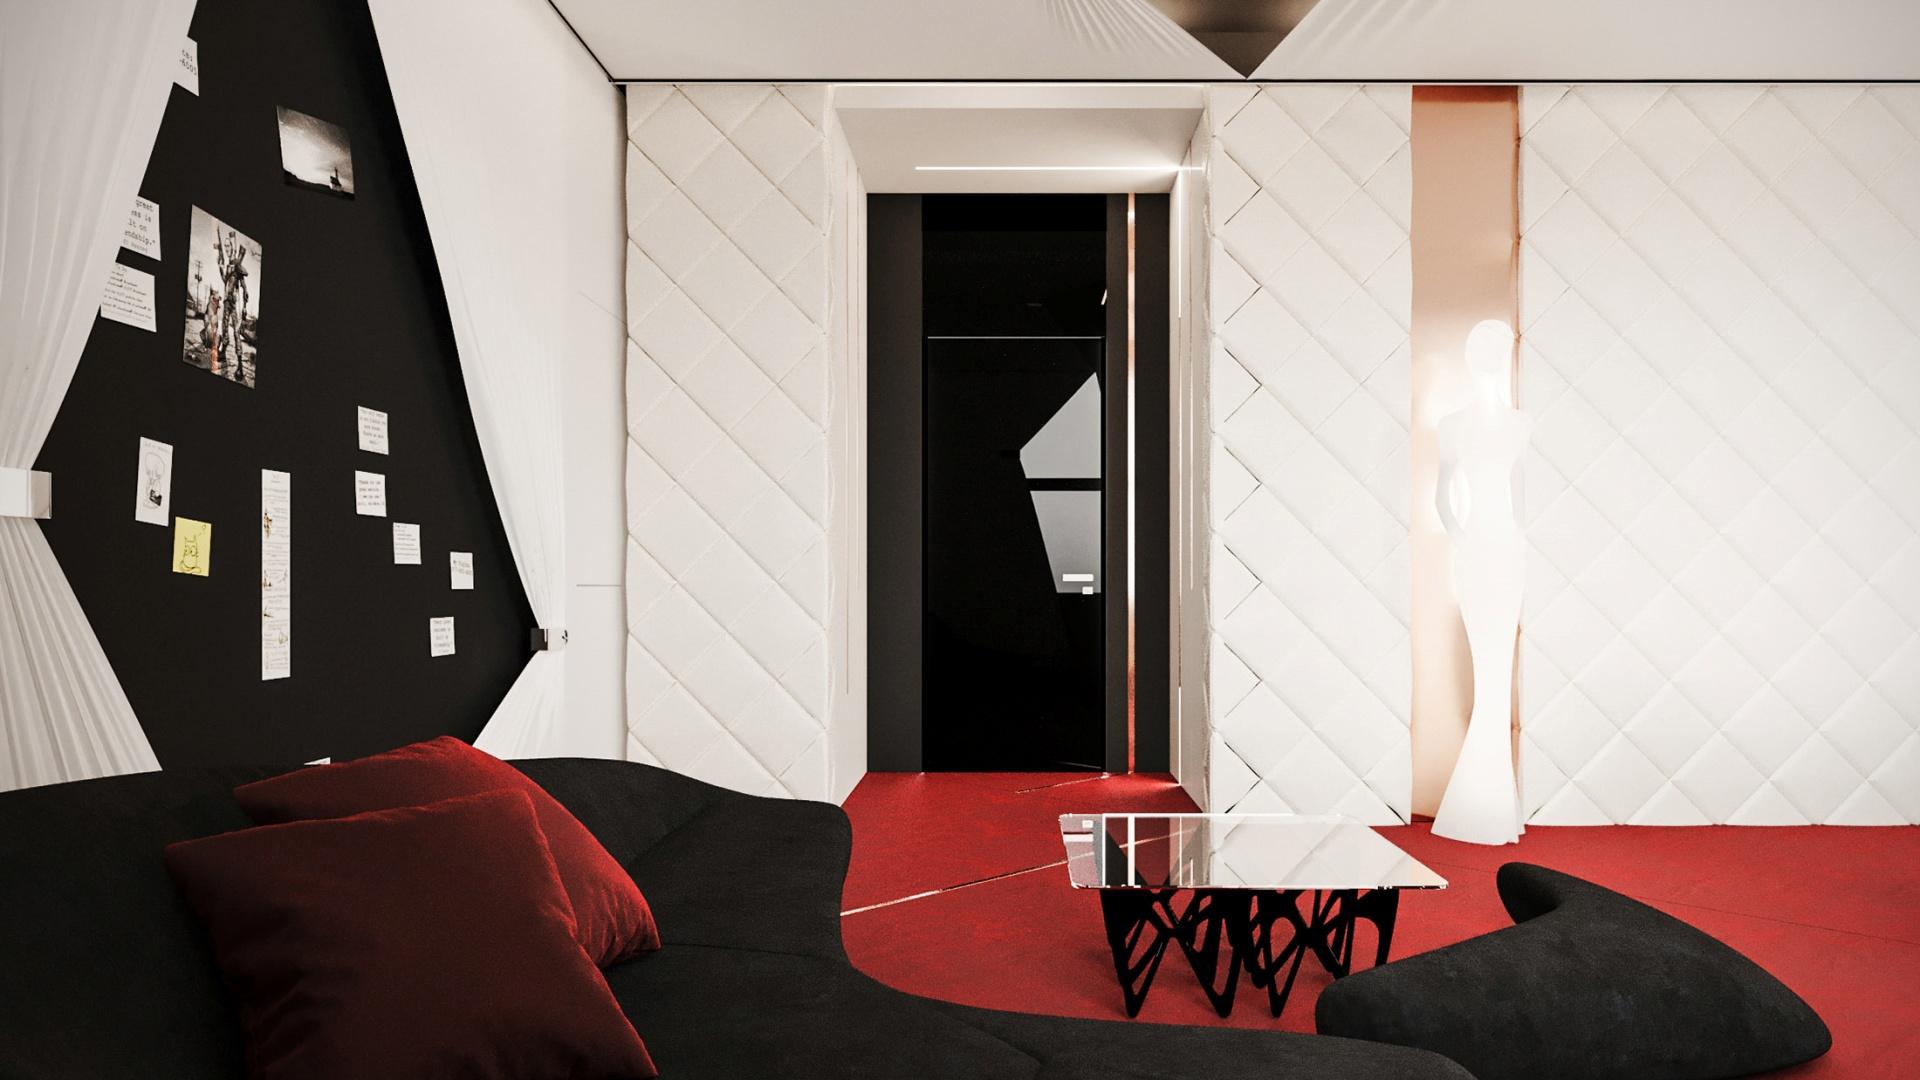 Projekt wnętrz RE: INDIGO OFFICE 2.0 projektu architekta Marcina Tomaszewskiego REFORM Architekt